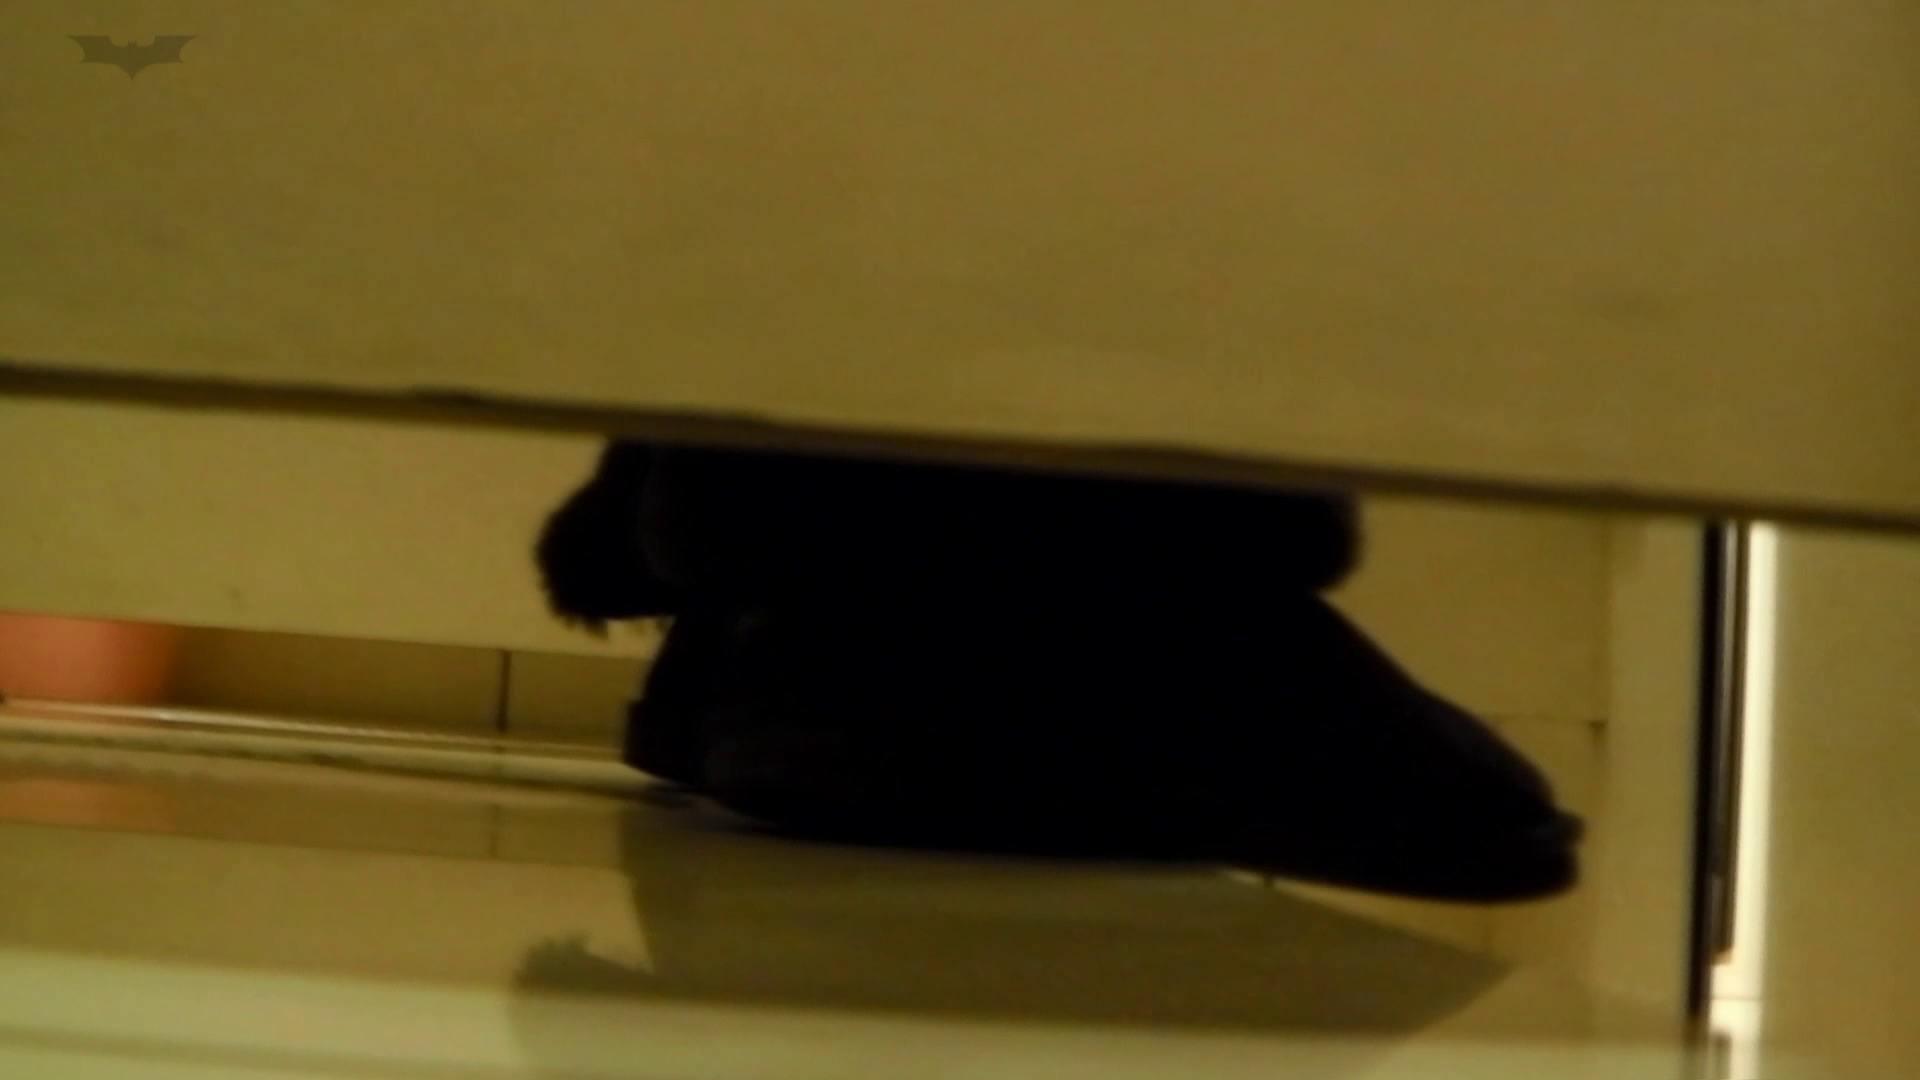 ハメ撮り 新世界の射窓 No74ゆきりん潜入活動の中こんな三穴からの噴射は初めてです。 怪盗ジョーカー